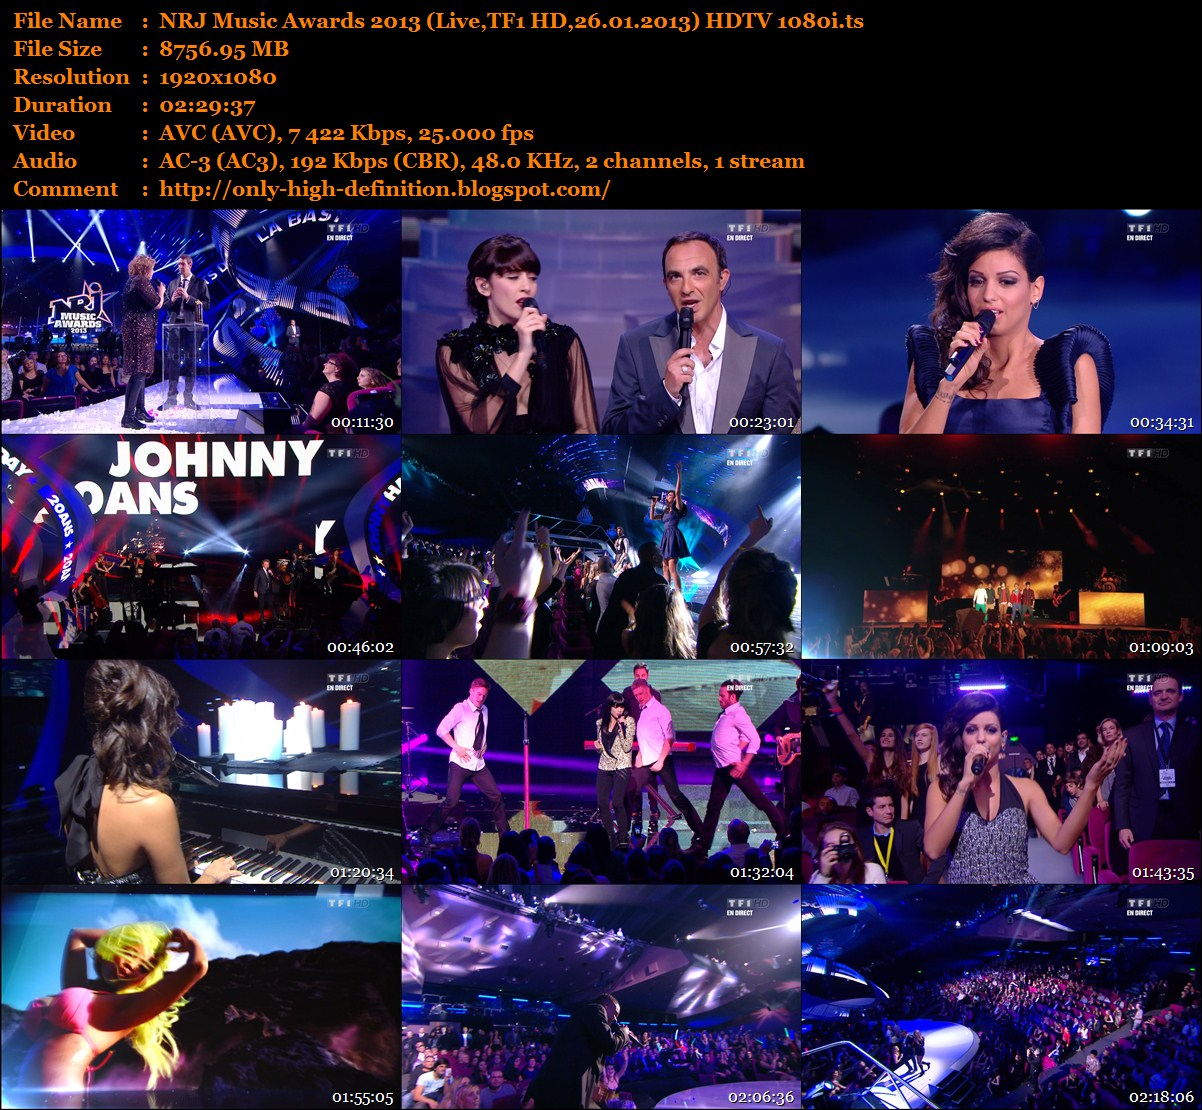 http://2.bp.blogspot.com/-FJdAuXjv4TU/UQks79KdFdI/AAAAAAAAJ84/cEDG7vSadjU/s1600/NRJ+Music+Awards+2013+%2528Live%252CTF1+HD%252C26.01.2013%2529+HDTV+1080i.ts.jpg